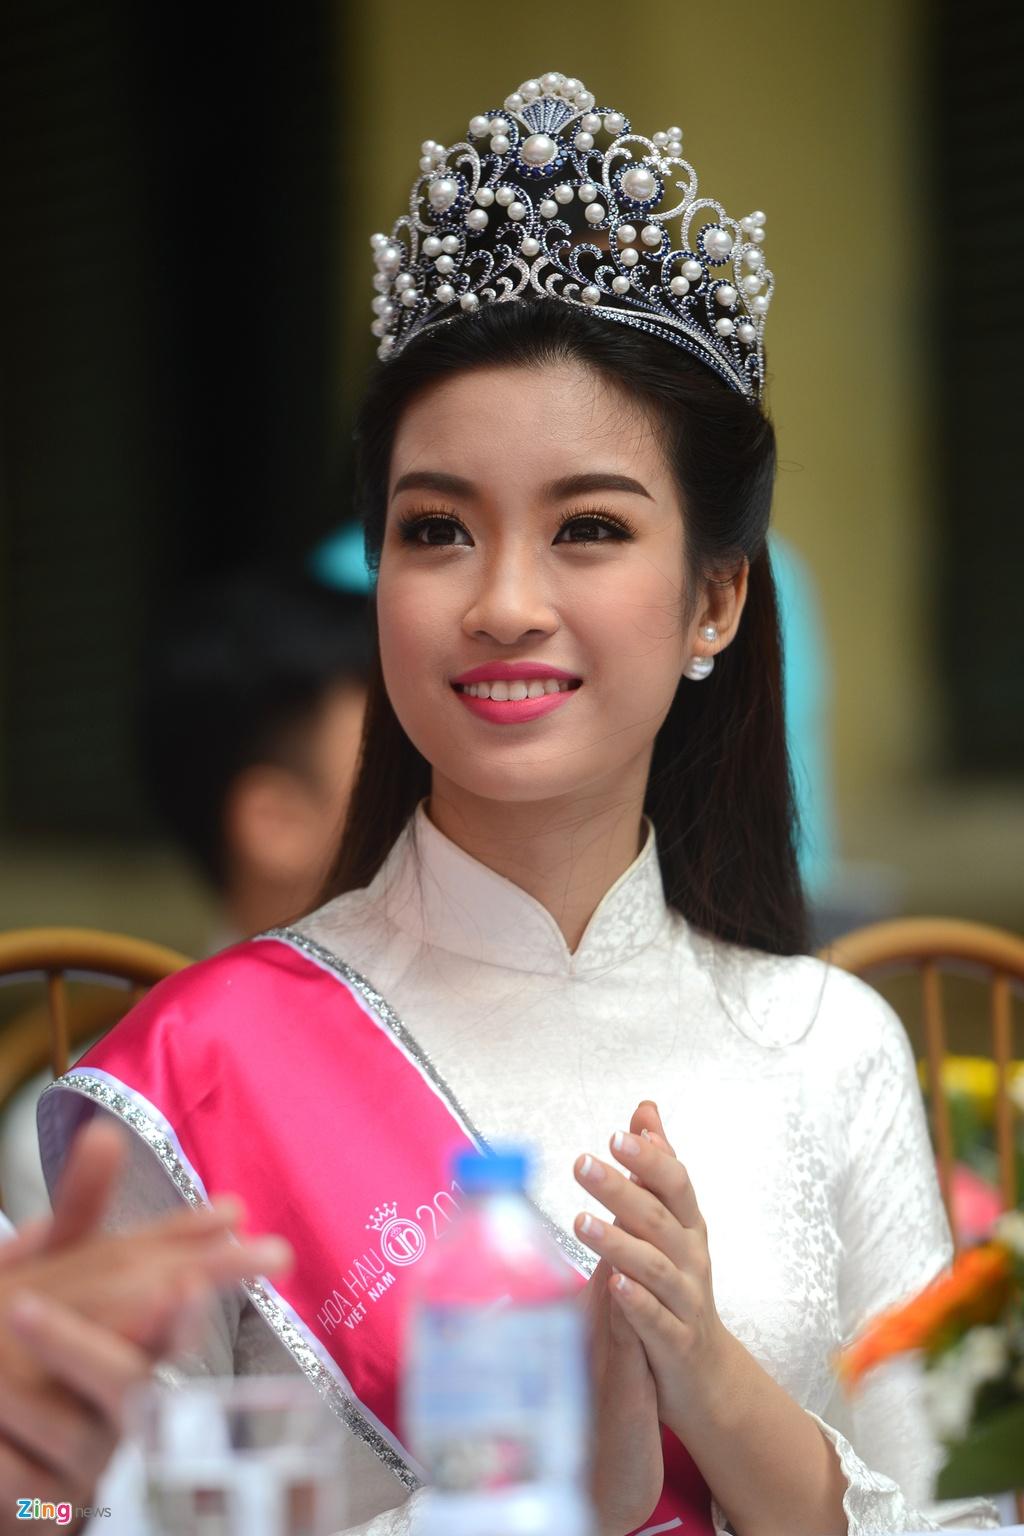 Hoa hau My Linh ve truong du khai giang nam hoc moi hinh anh 4